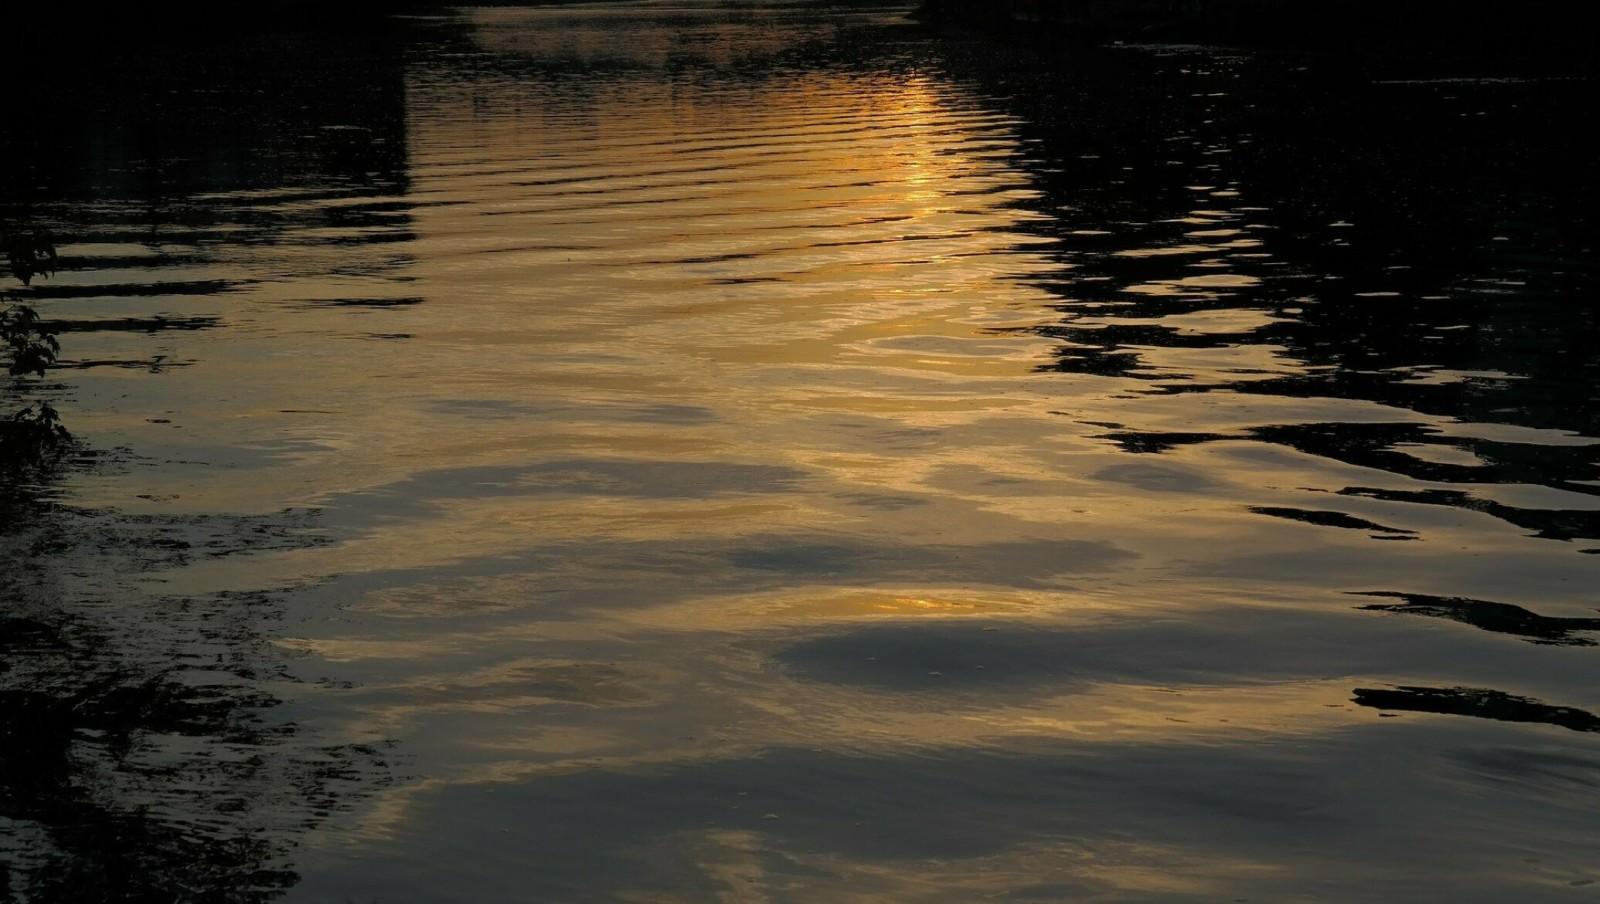 Найден мертвым в Ладожском озере